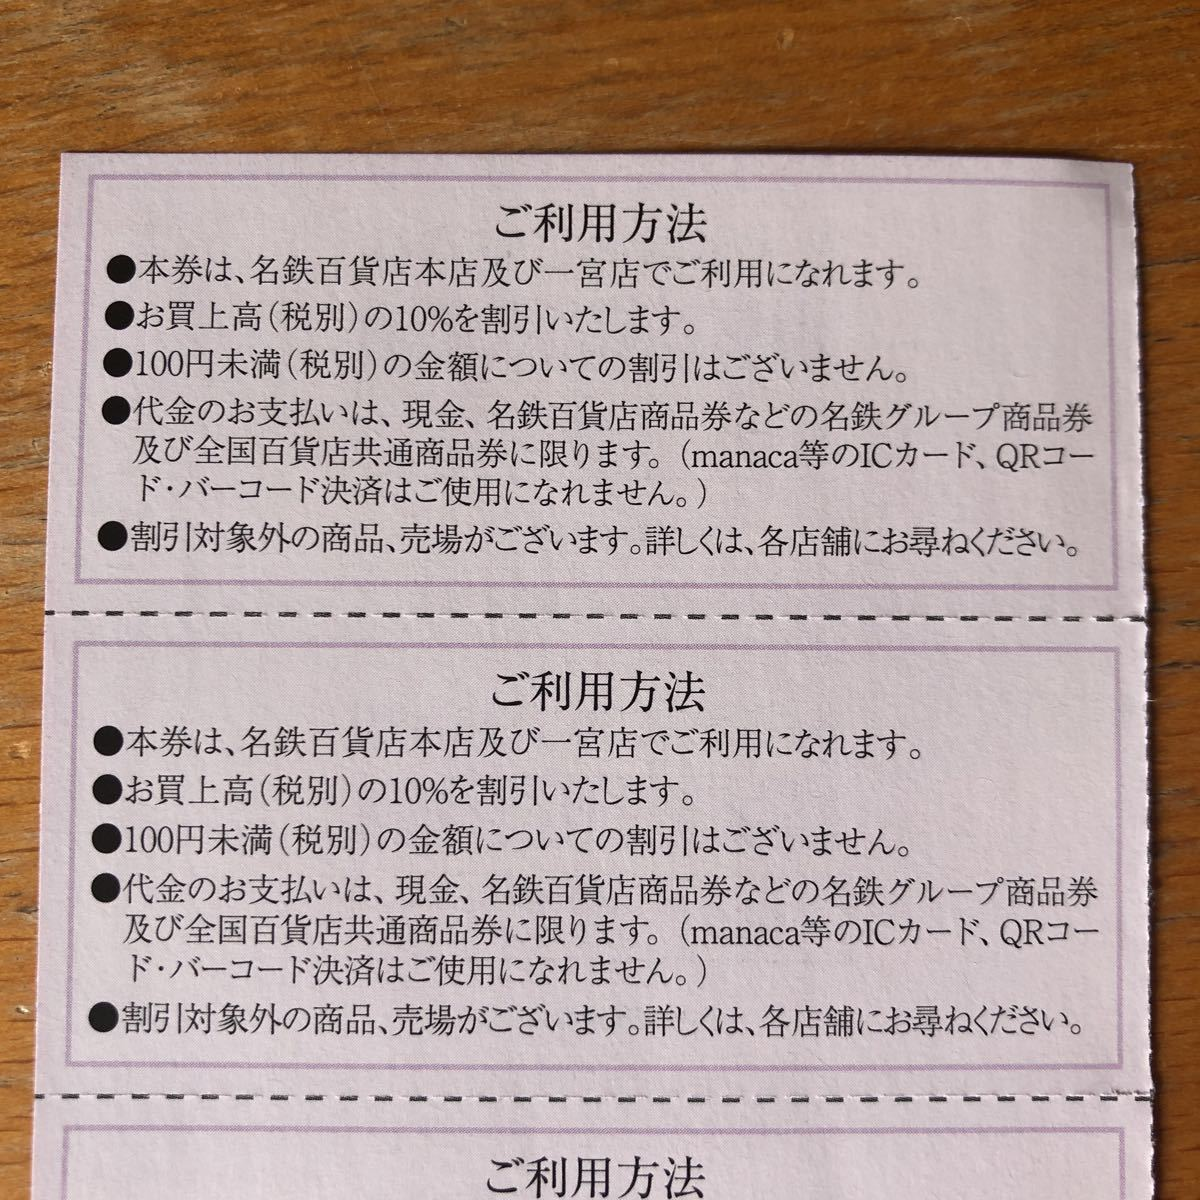 【最新】名鉄百貨店 株主お買物ご優待券 2022.7.15期限 6枚×3シート 18枚_画像3